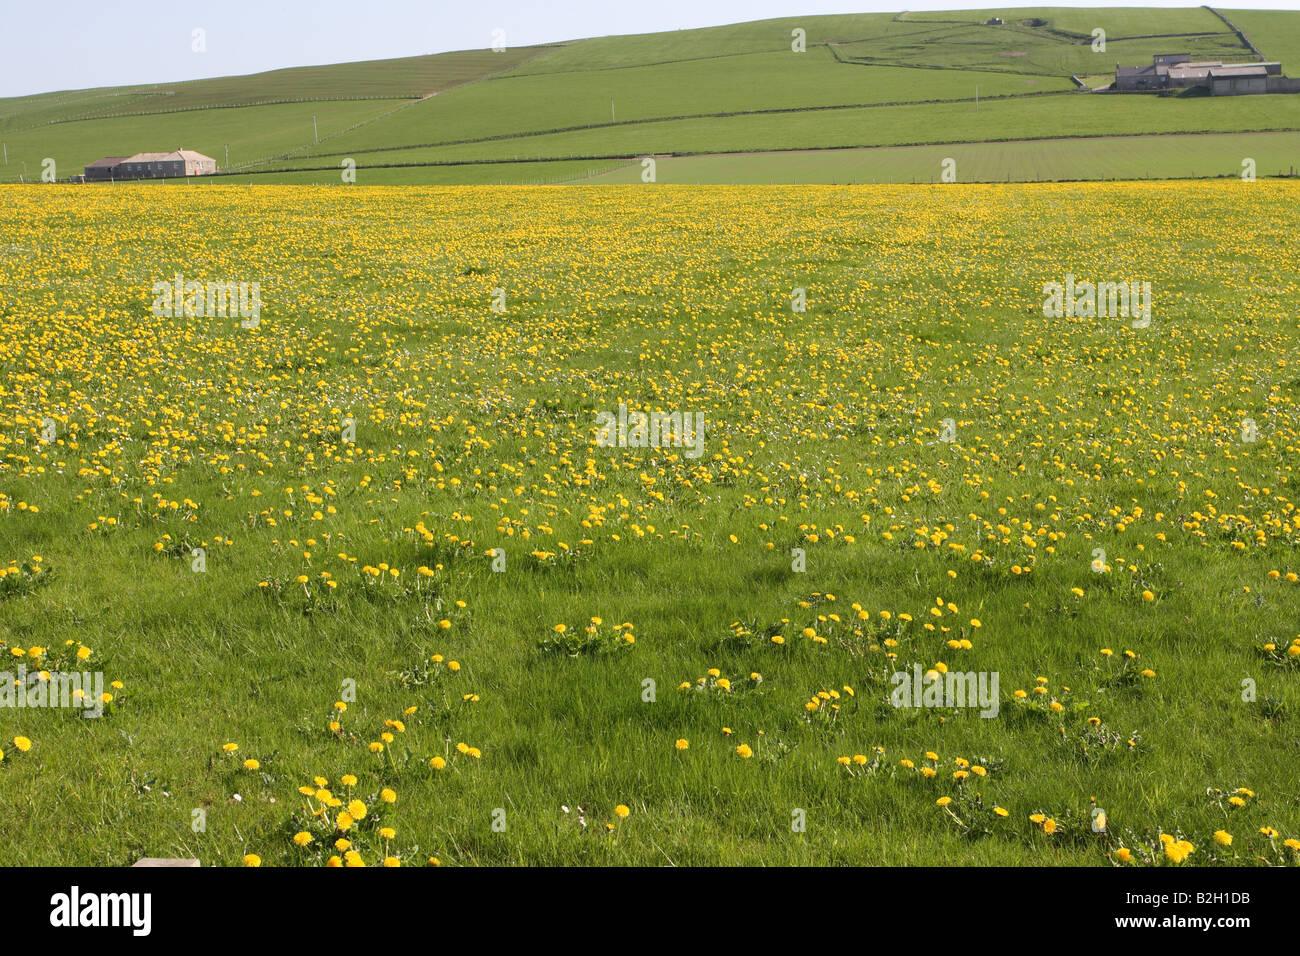 BUTTERCUPS FLOWERING IN GRASS FIELD ORKNEY ISLAND - Stock Image